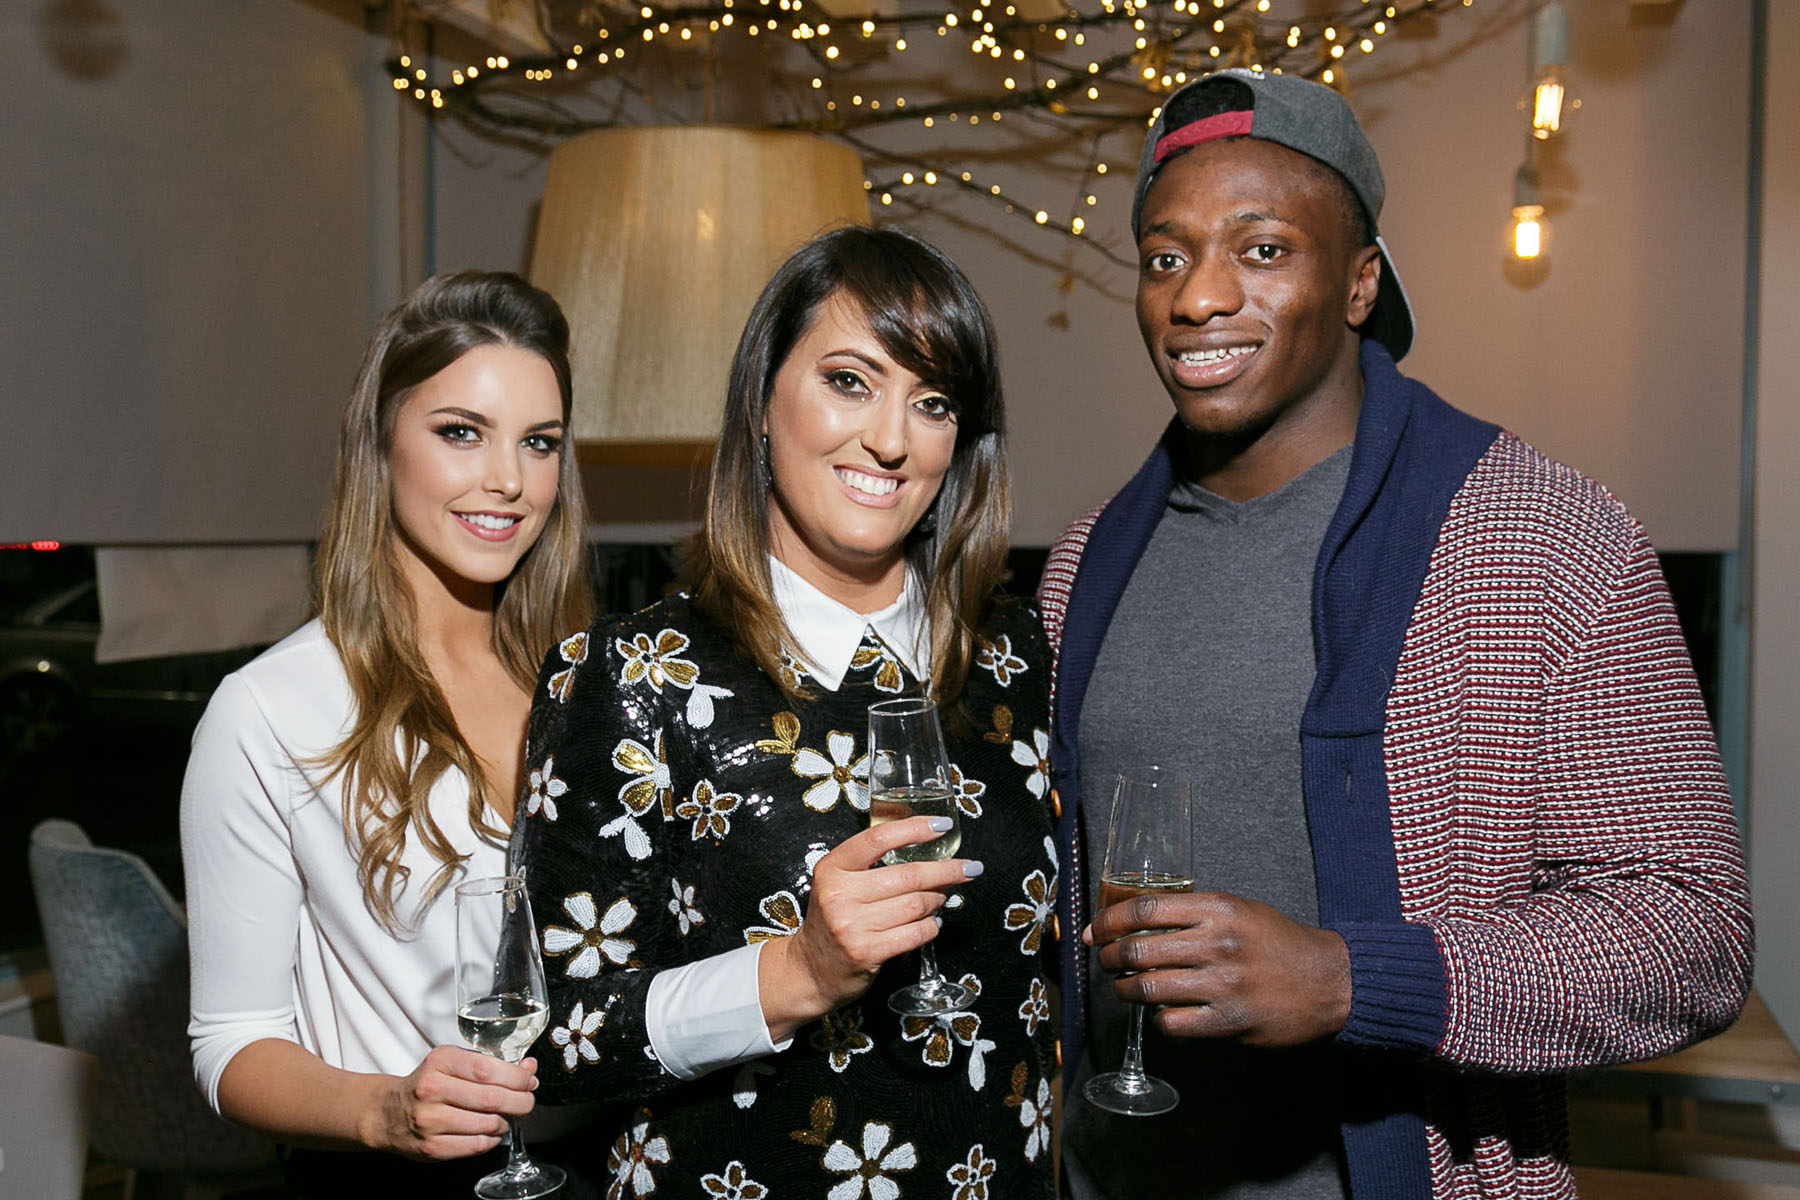 Róisín Nolan (Catwalk Models) Niye  Adeolokun (Connacht Rugby) with Vicky Casey proprieter of Caprice Cafe